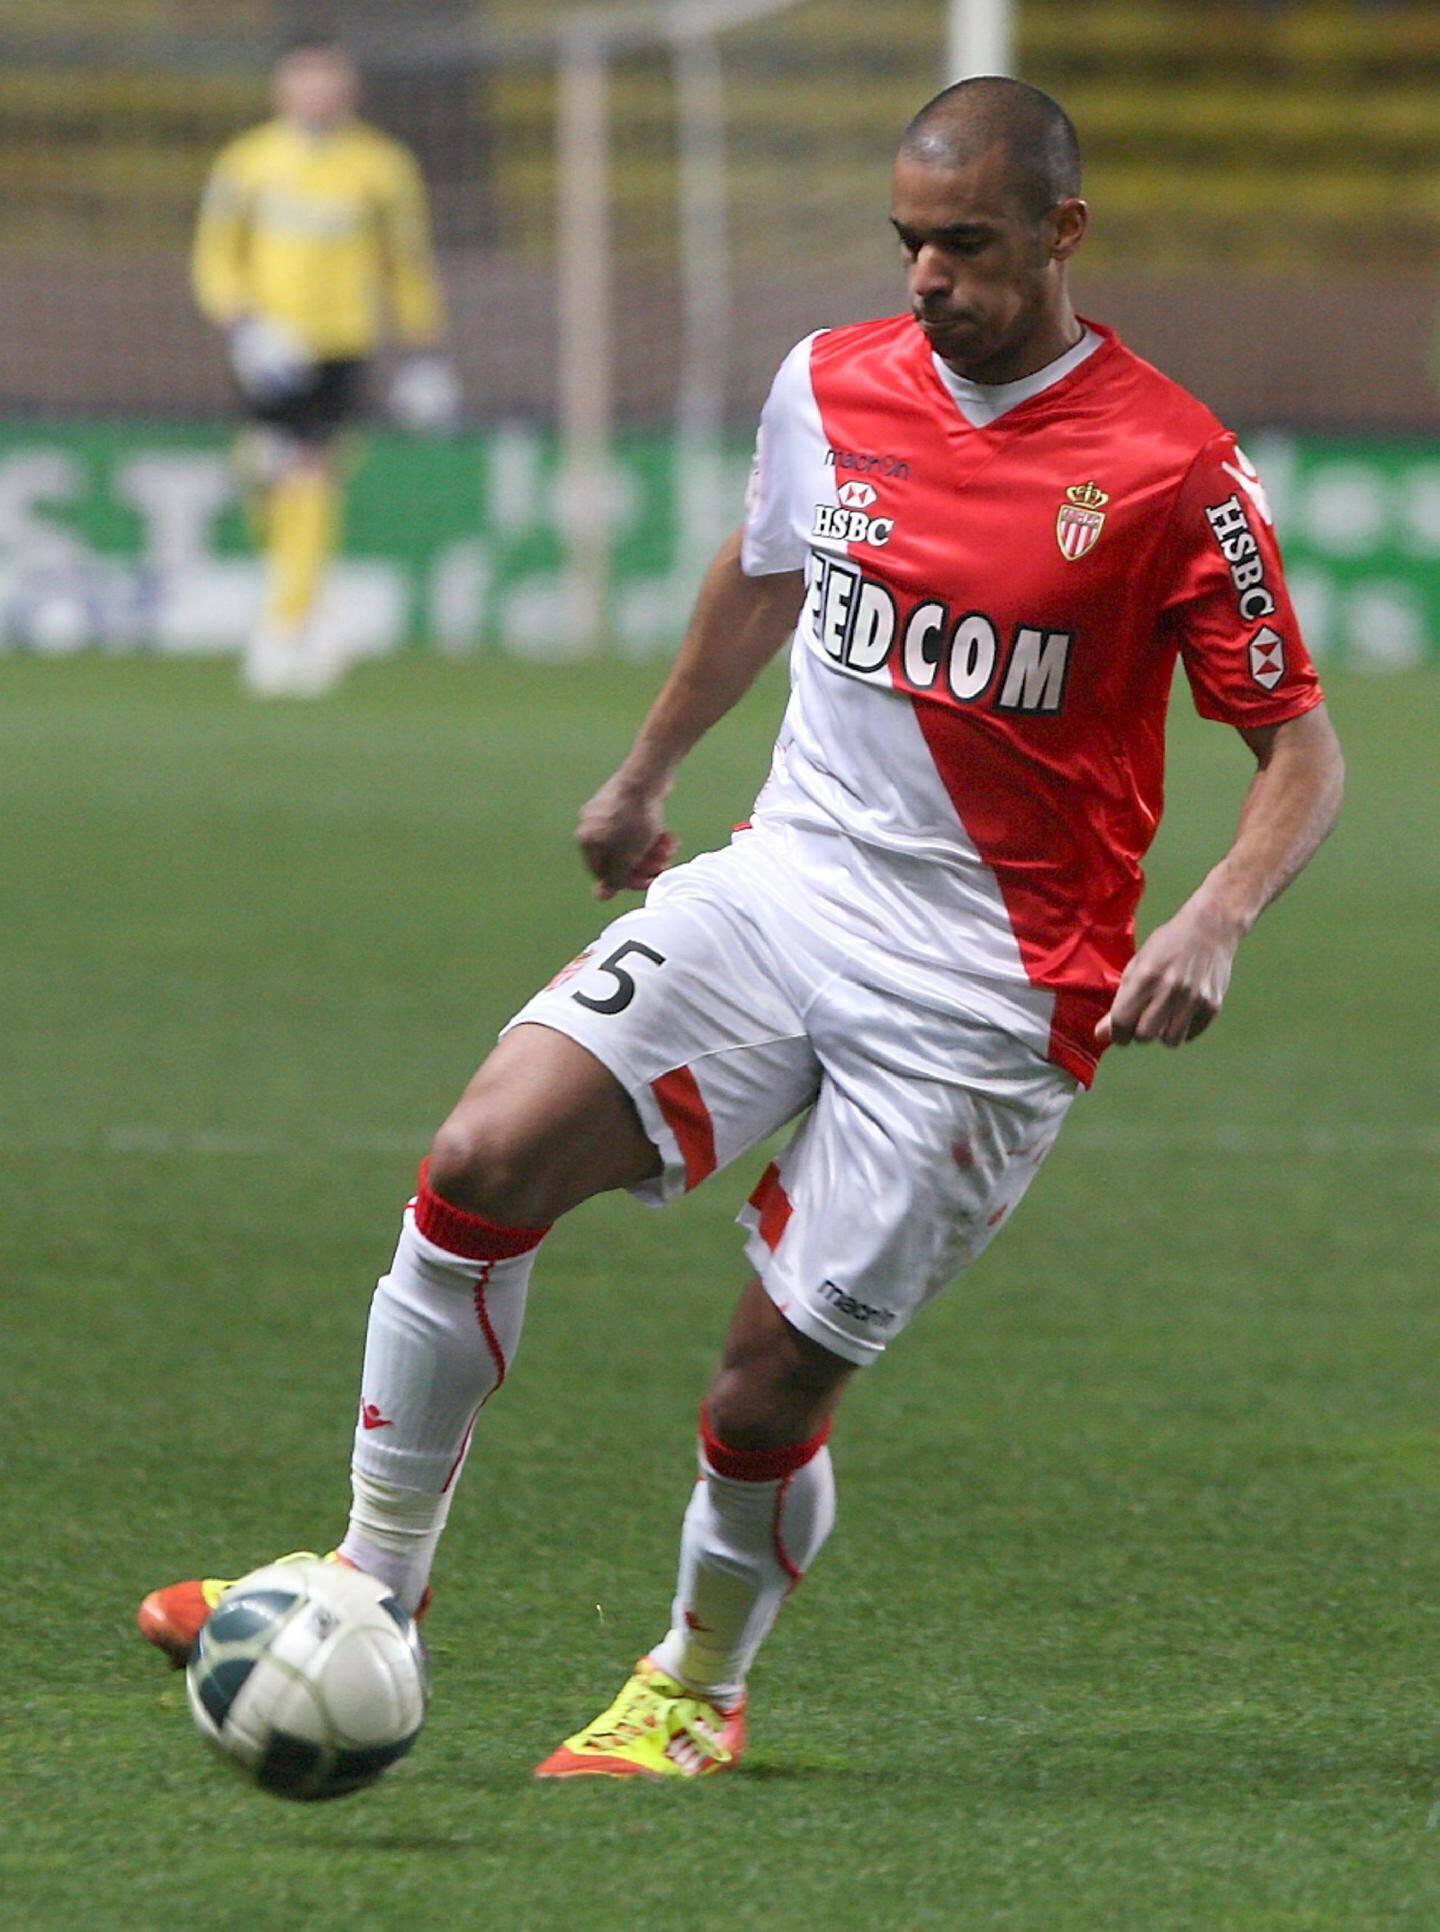 Coulibaly sous le maillot de l'AS Monaco, contre Guingamp, en mars. Sera-t-il toujours en rouge et blanc cette saison ?